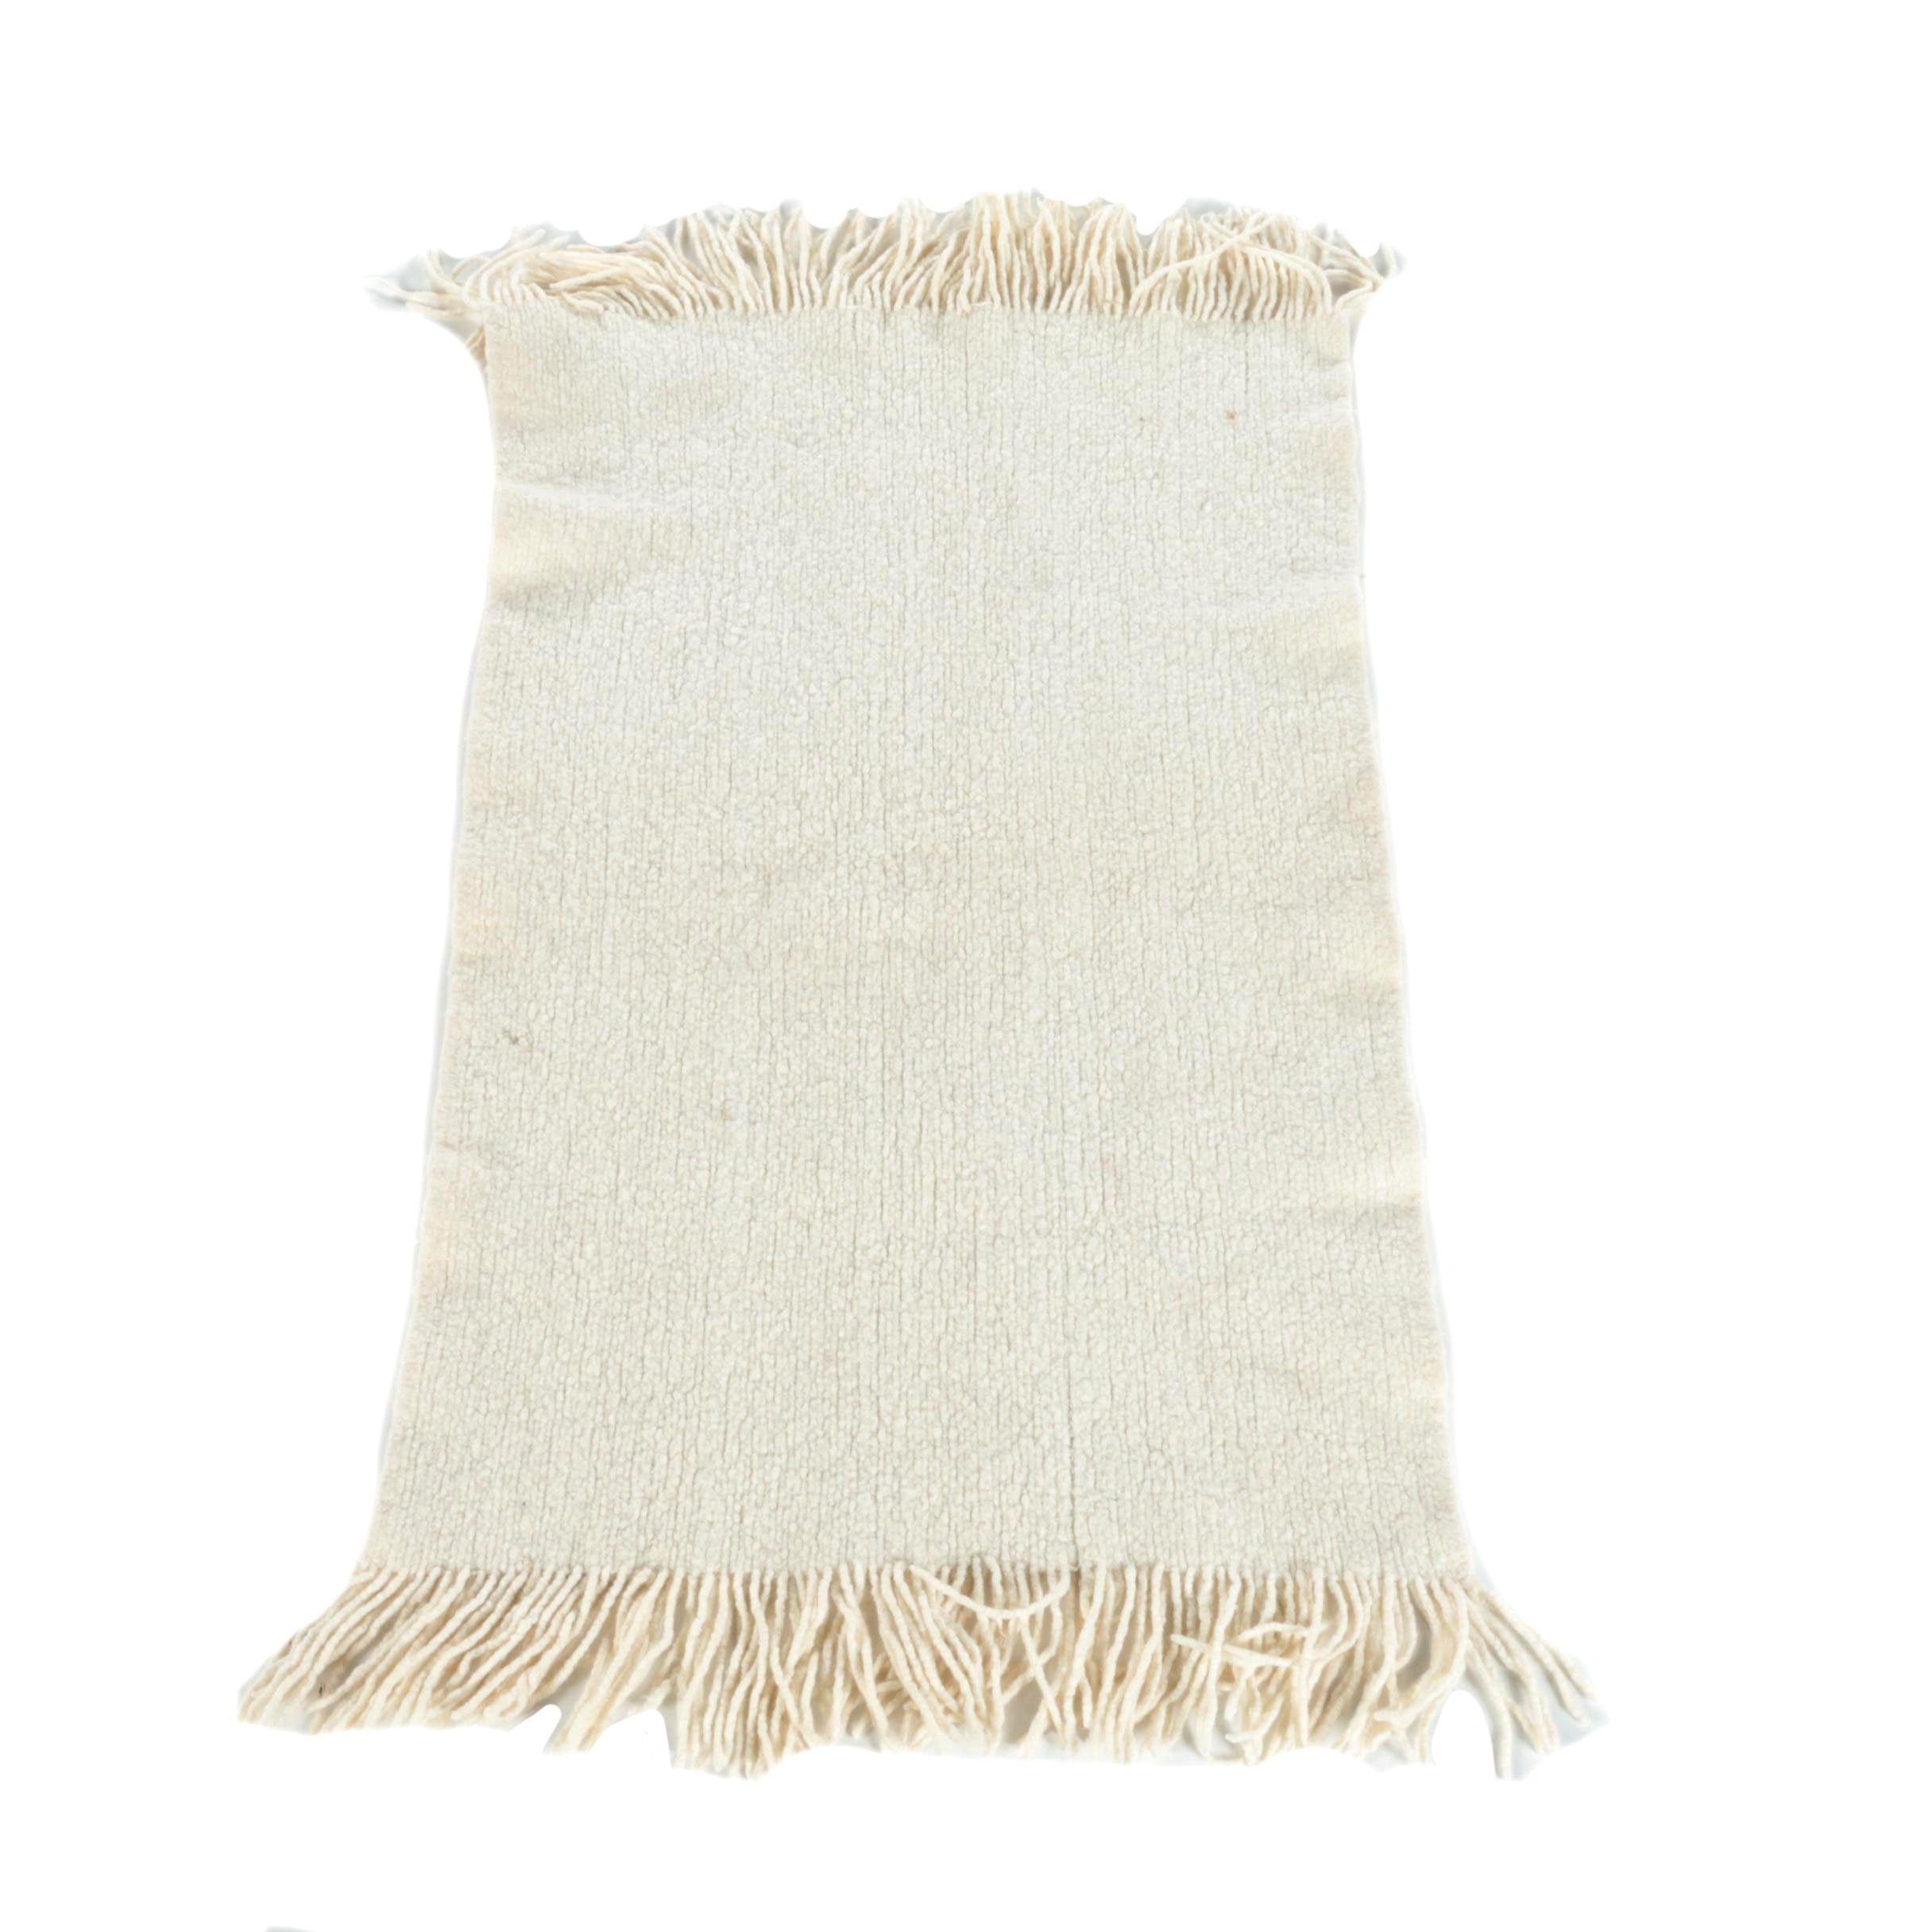 Kennebunk Weavers Throw or Shawl